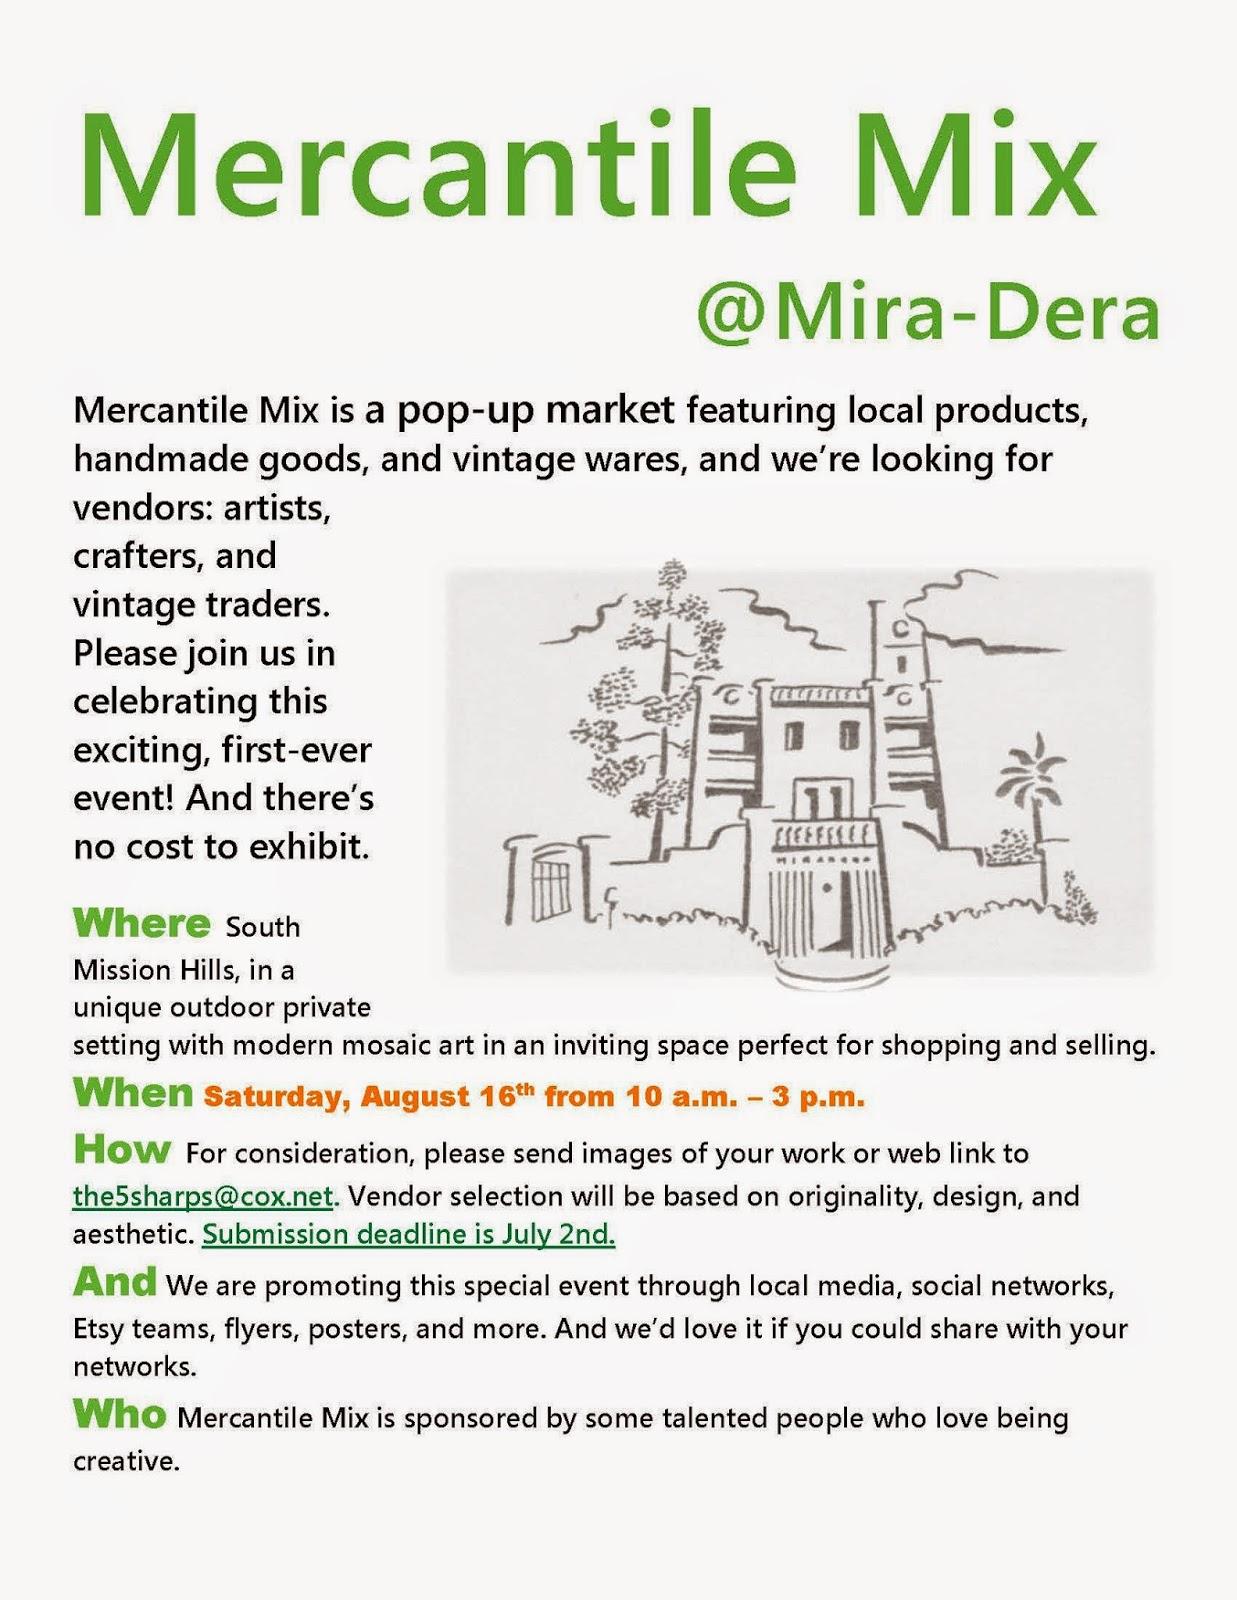 Mercantile Mix flyer